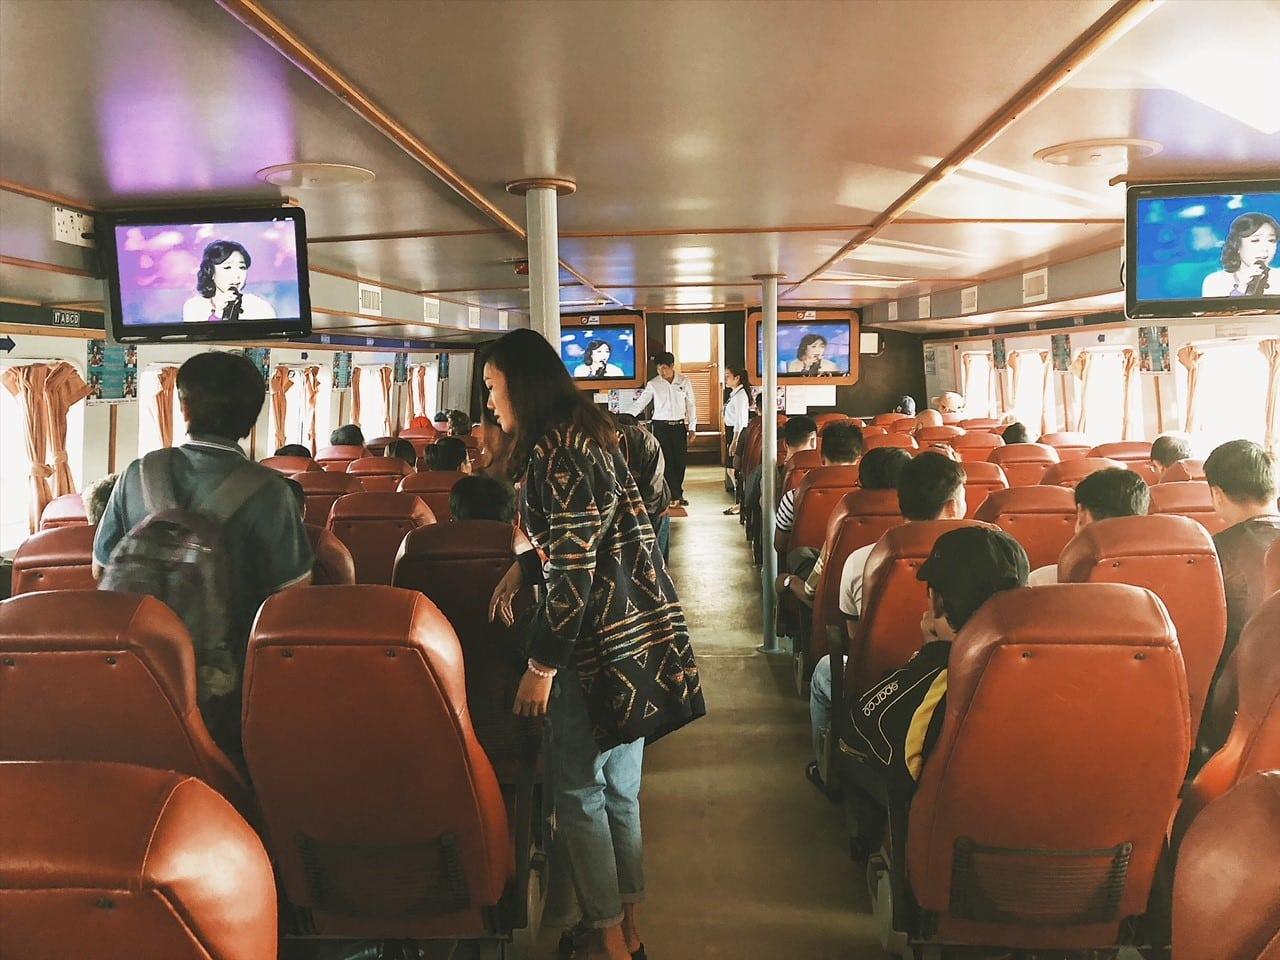 prom z rach gia na phu quoc rejs transport na wyspę, siedzenia, fotele na statku, ekrany, telewizja, neverendingtravel, podróż, transfer z lądu na wyspę, miasto portowe, telewizja wietnamska, viet travel, speed boat